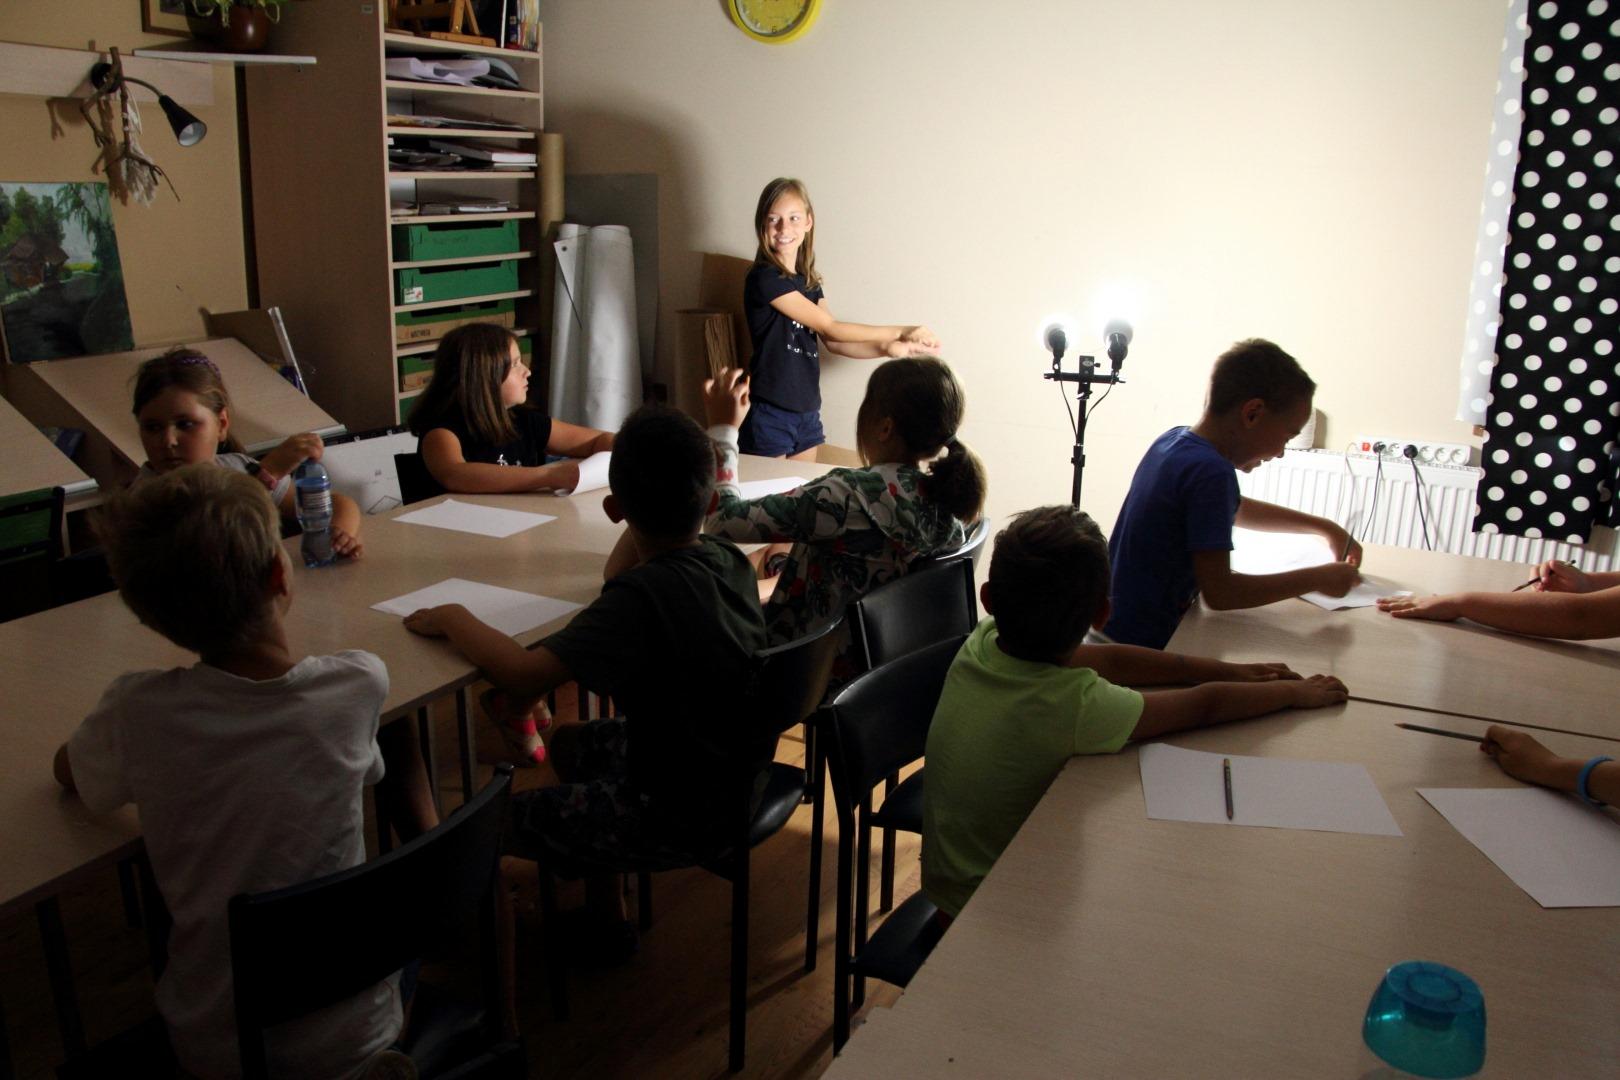 grupa dzieci siedząca w zacienionym pomieszczeniu, dziewczynka stoi uśmiechnięta przy ścianie i rękoma rzuca cień na ścianę - tworząc teatr cieni.